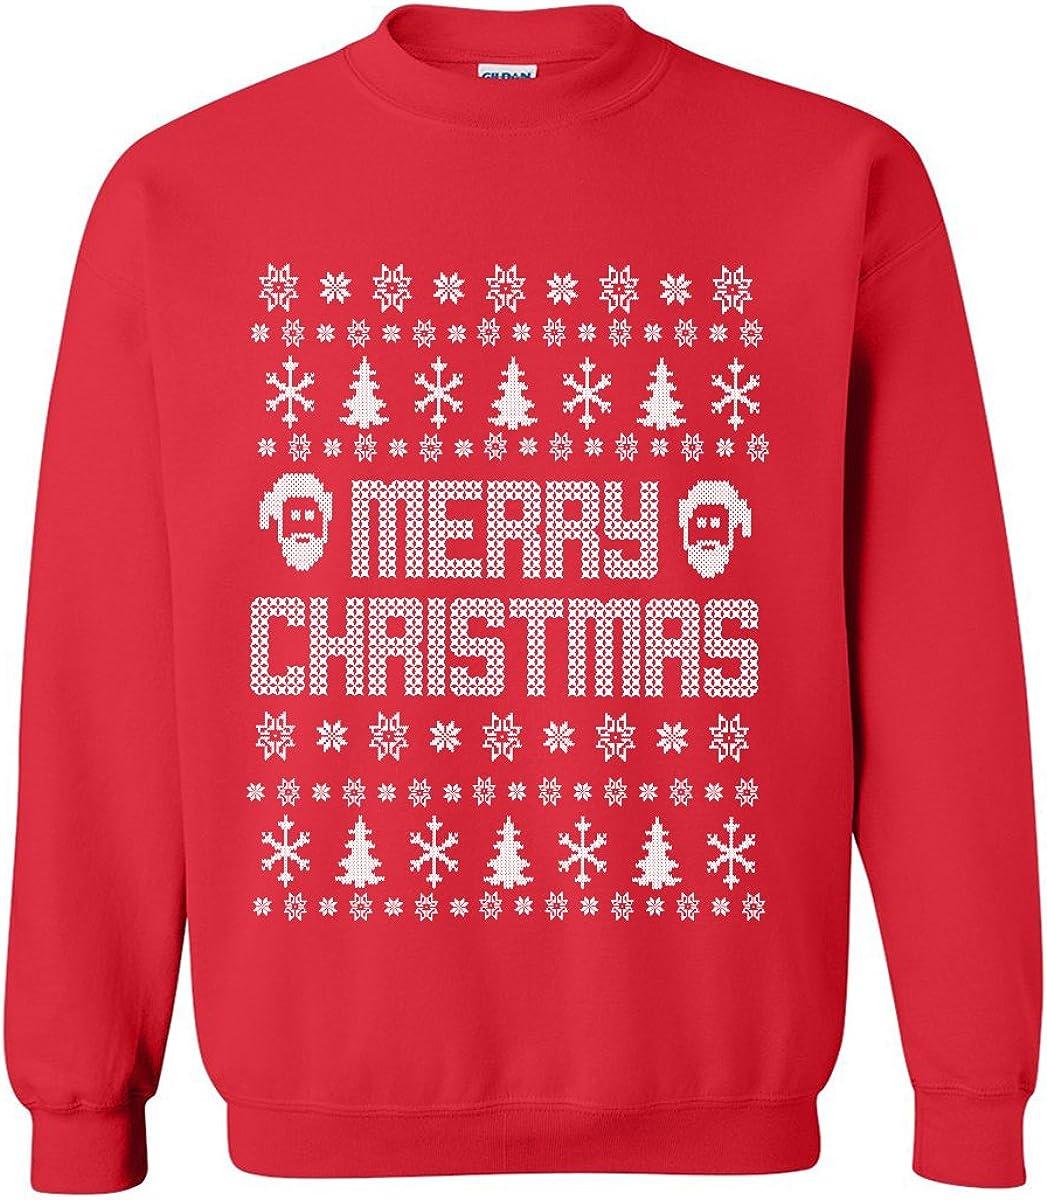 zerogravitee Merry Christmas Ugly Holiday Sweatshirt Crewneck Sweatshirt